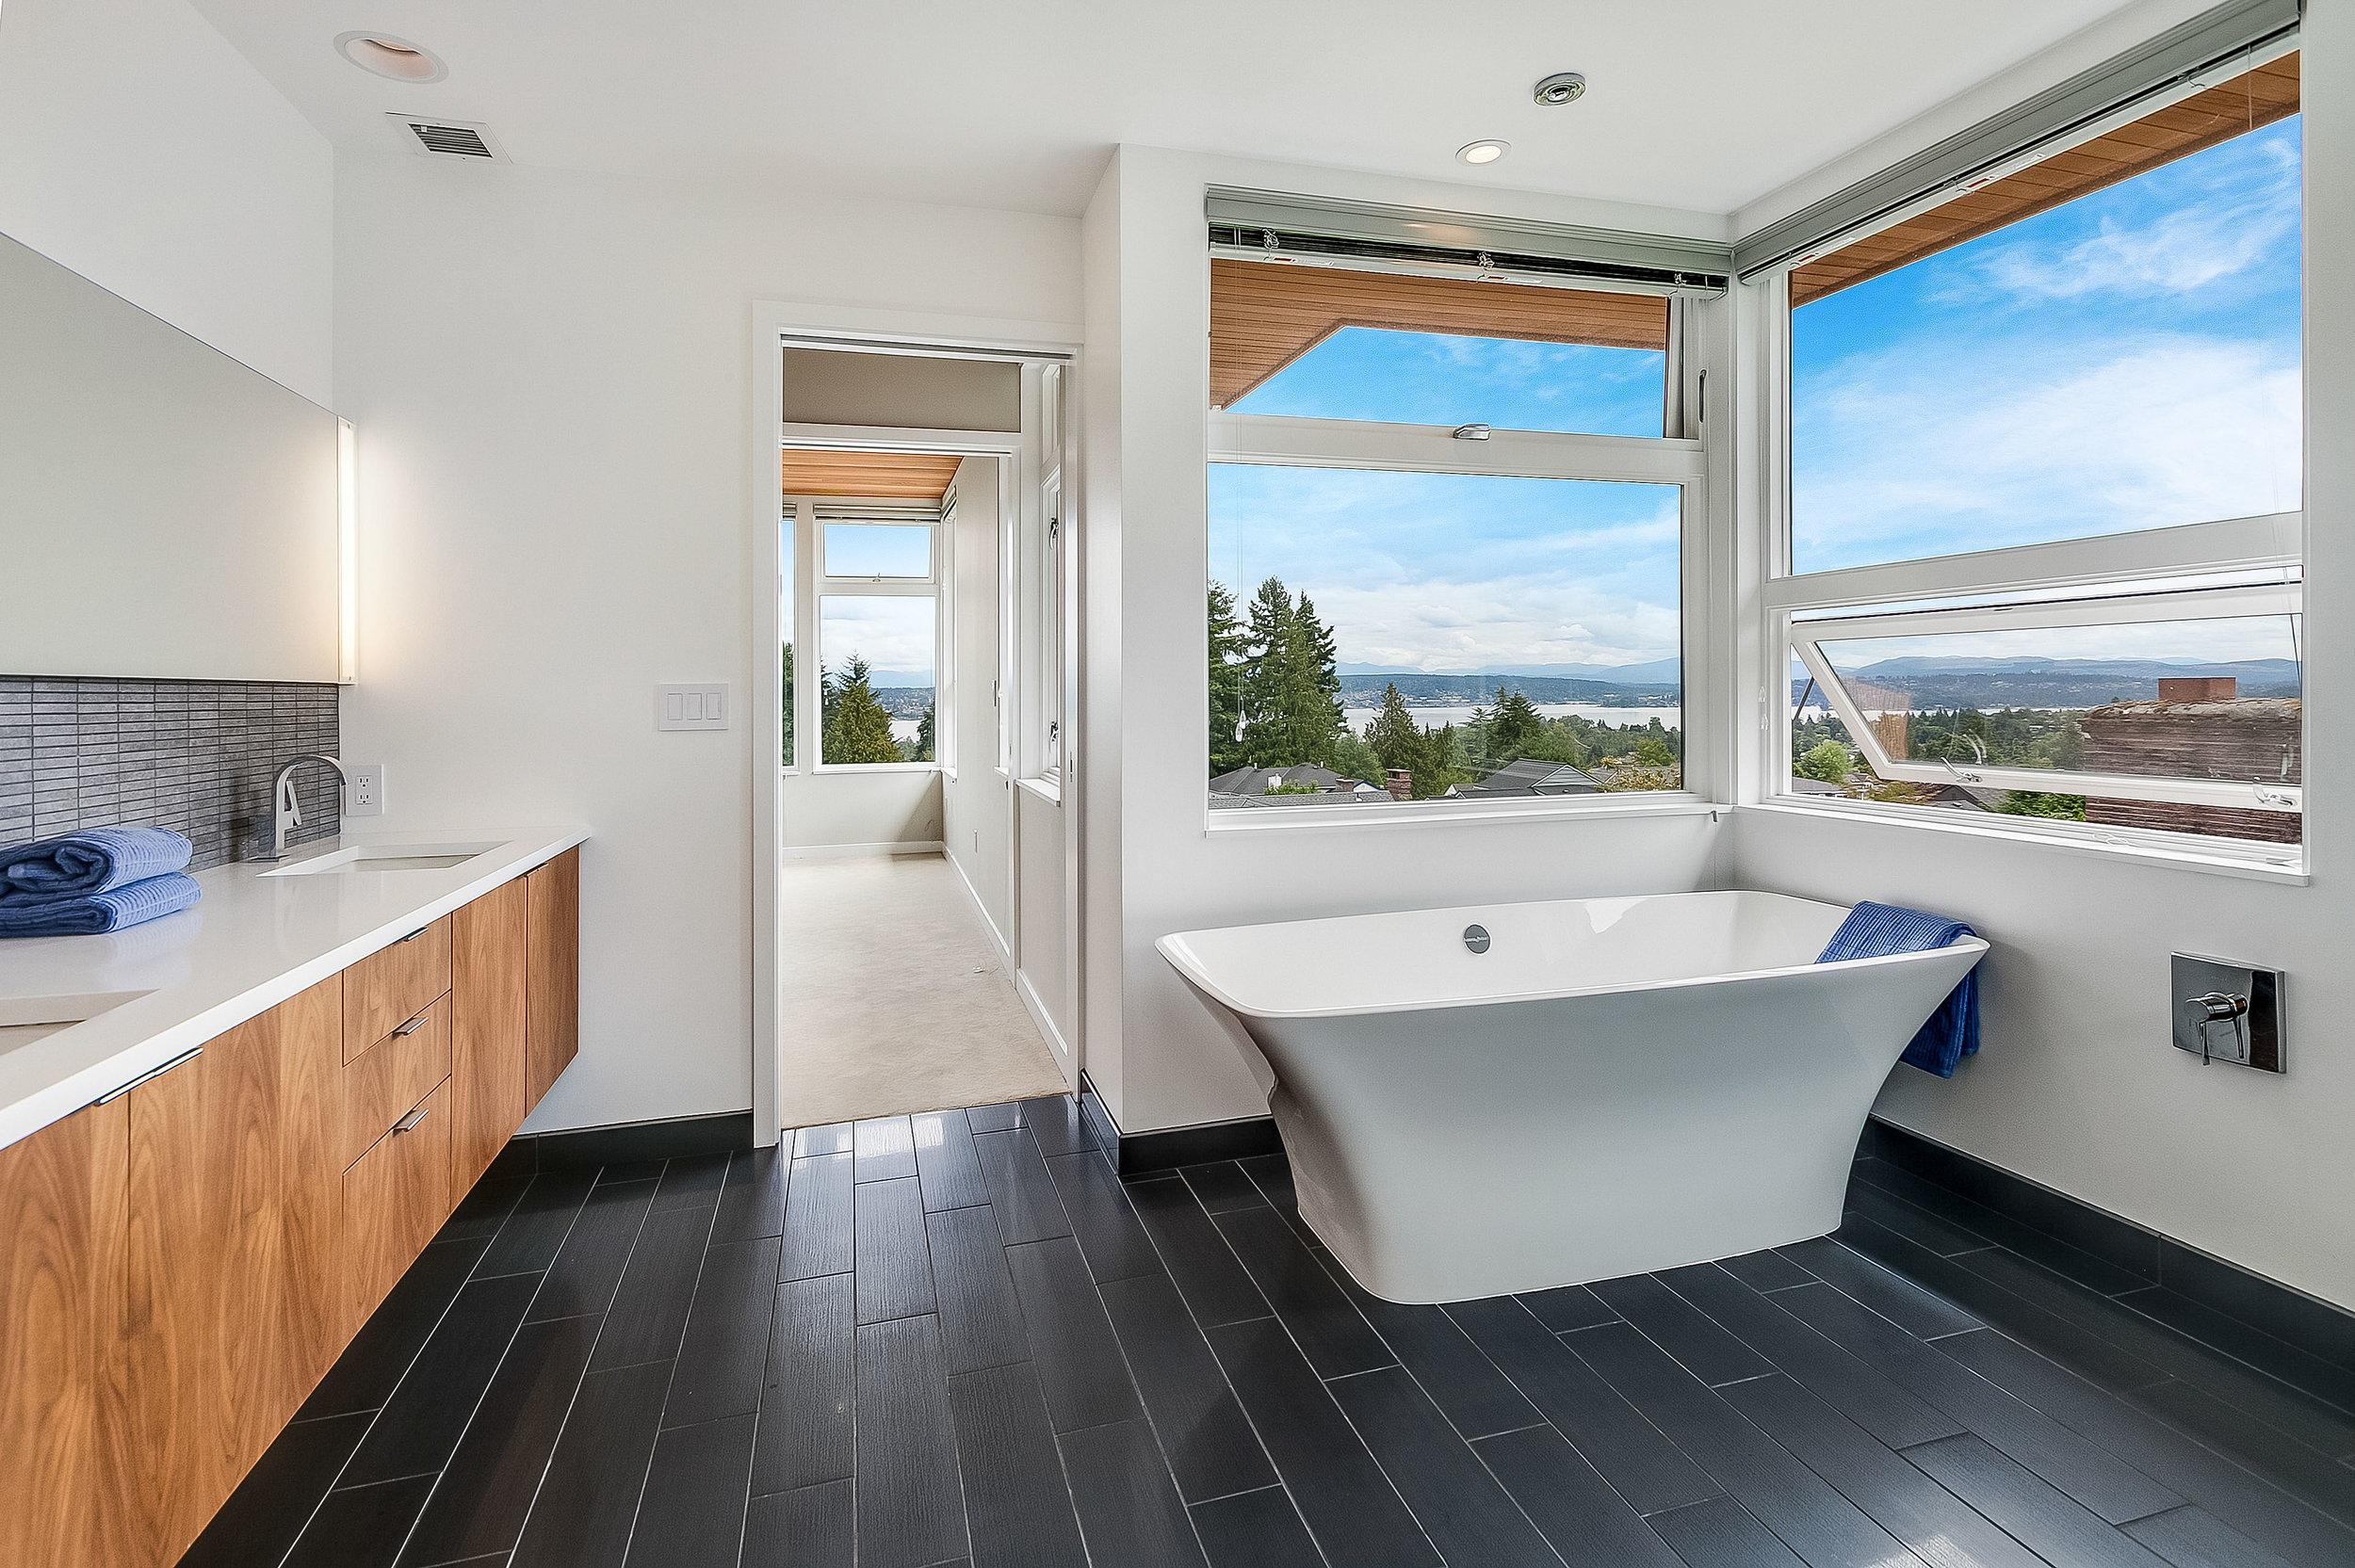 new_bath_modern_seattle_architect_architecture_skie